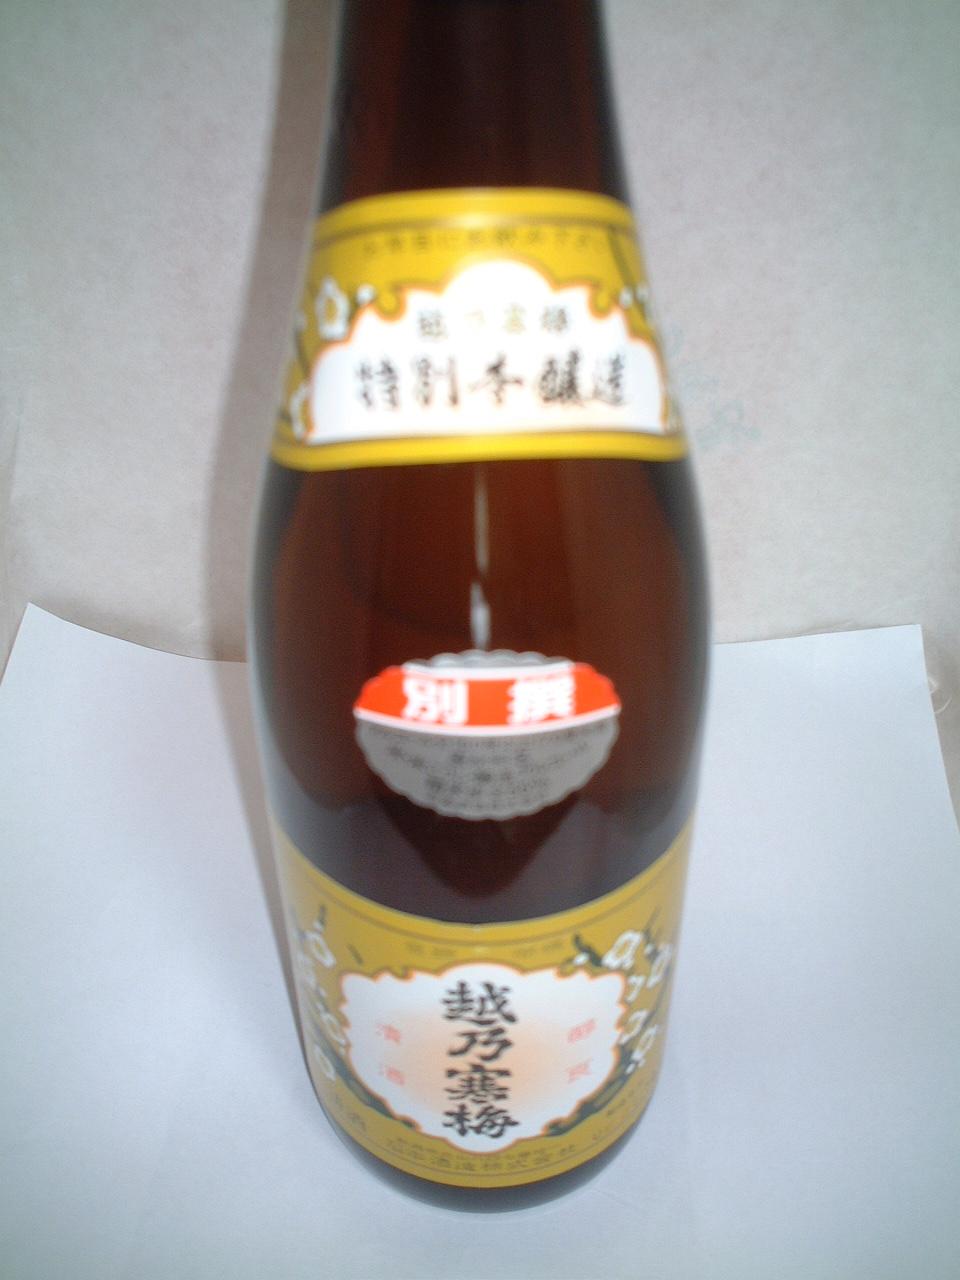 越乃寒梅 別撰 1.8L